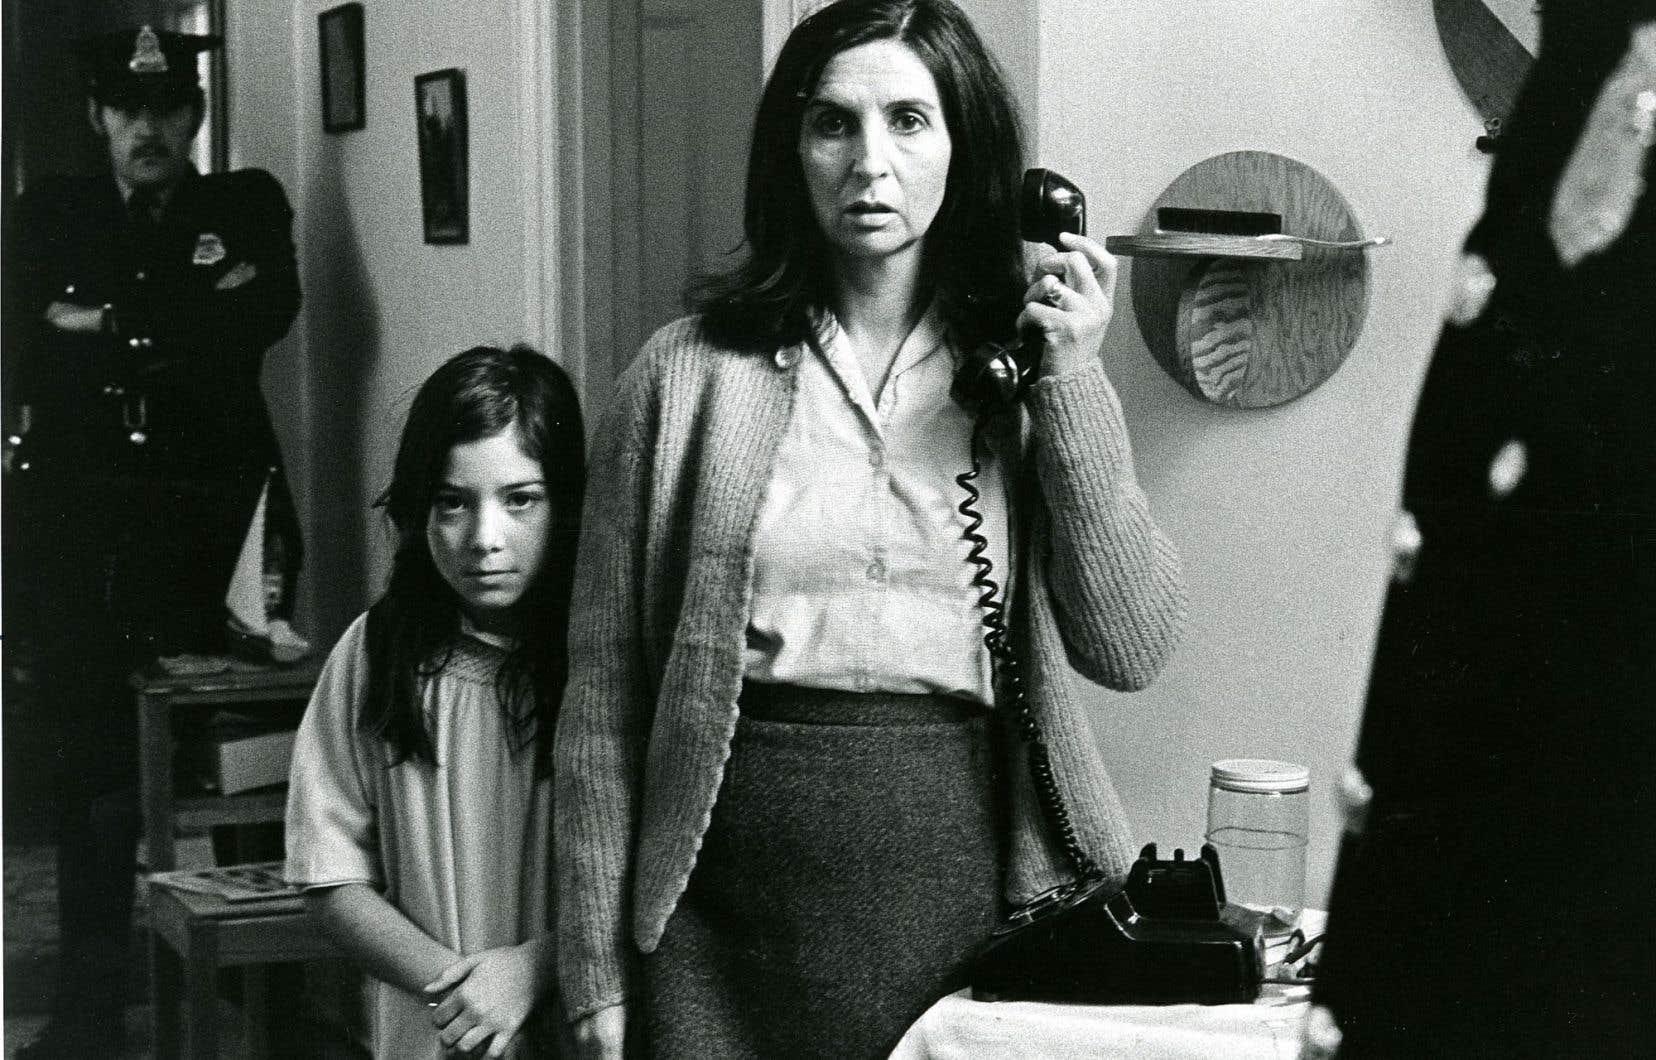 En 1975, Michel Brault avait reçu le prix de la mise en scène pour «Les ordres».